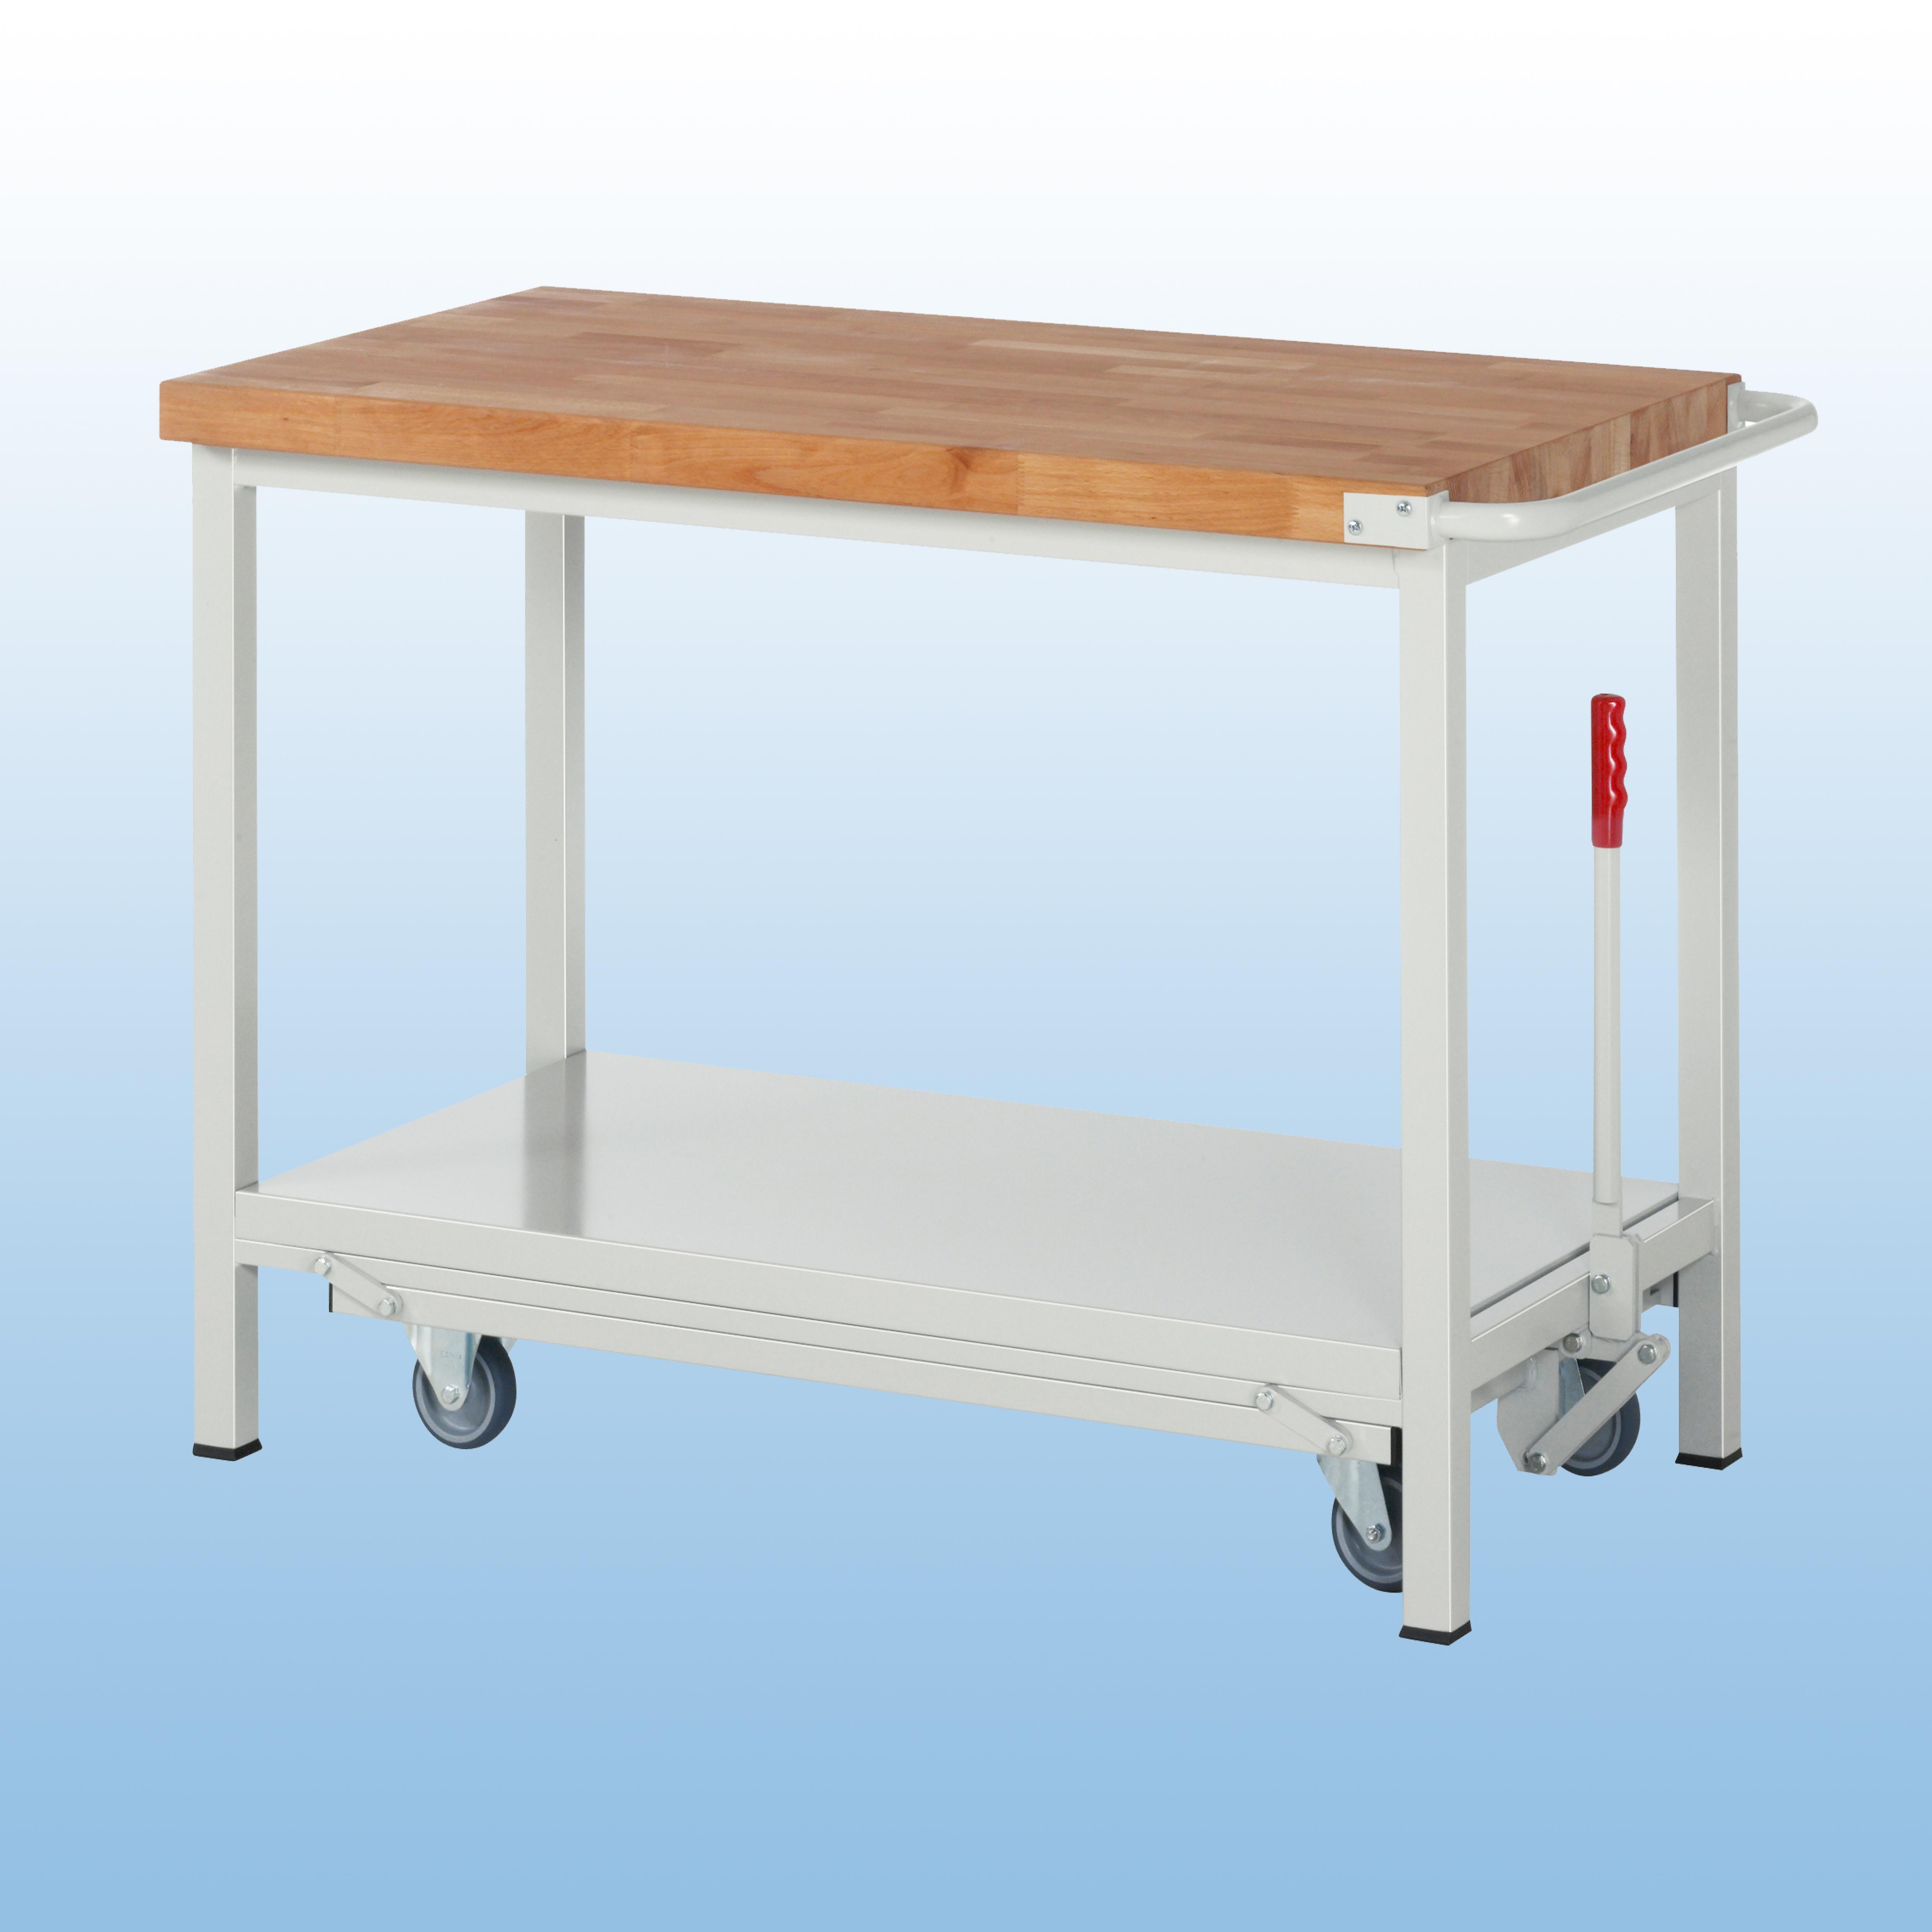 werkbank sr013, werkbänke, werkbänke, produktgruppen bei kaiser systeme